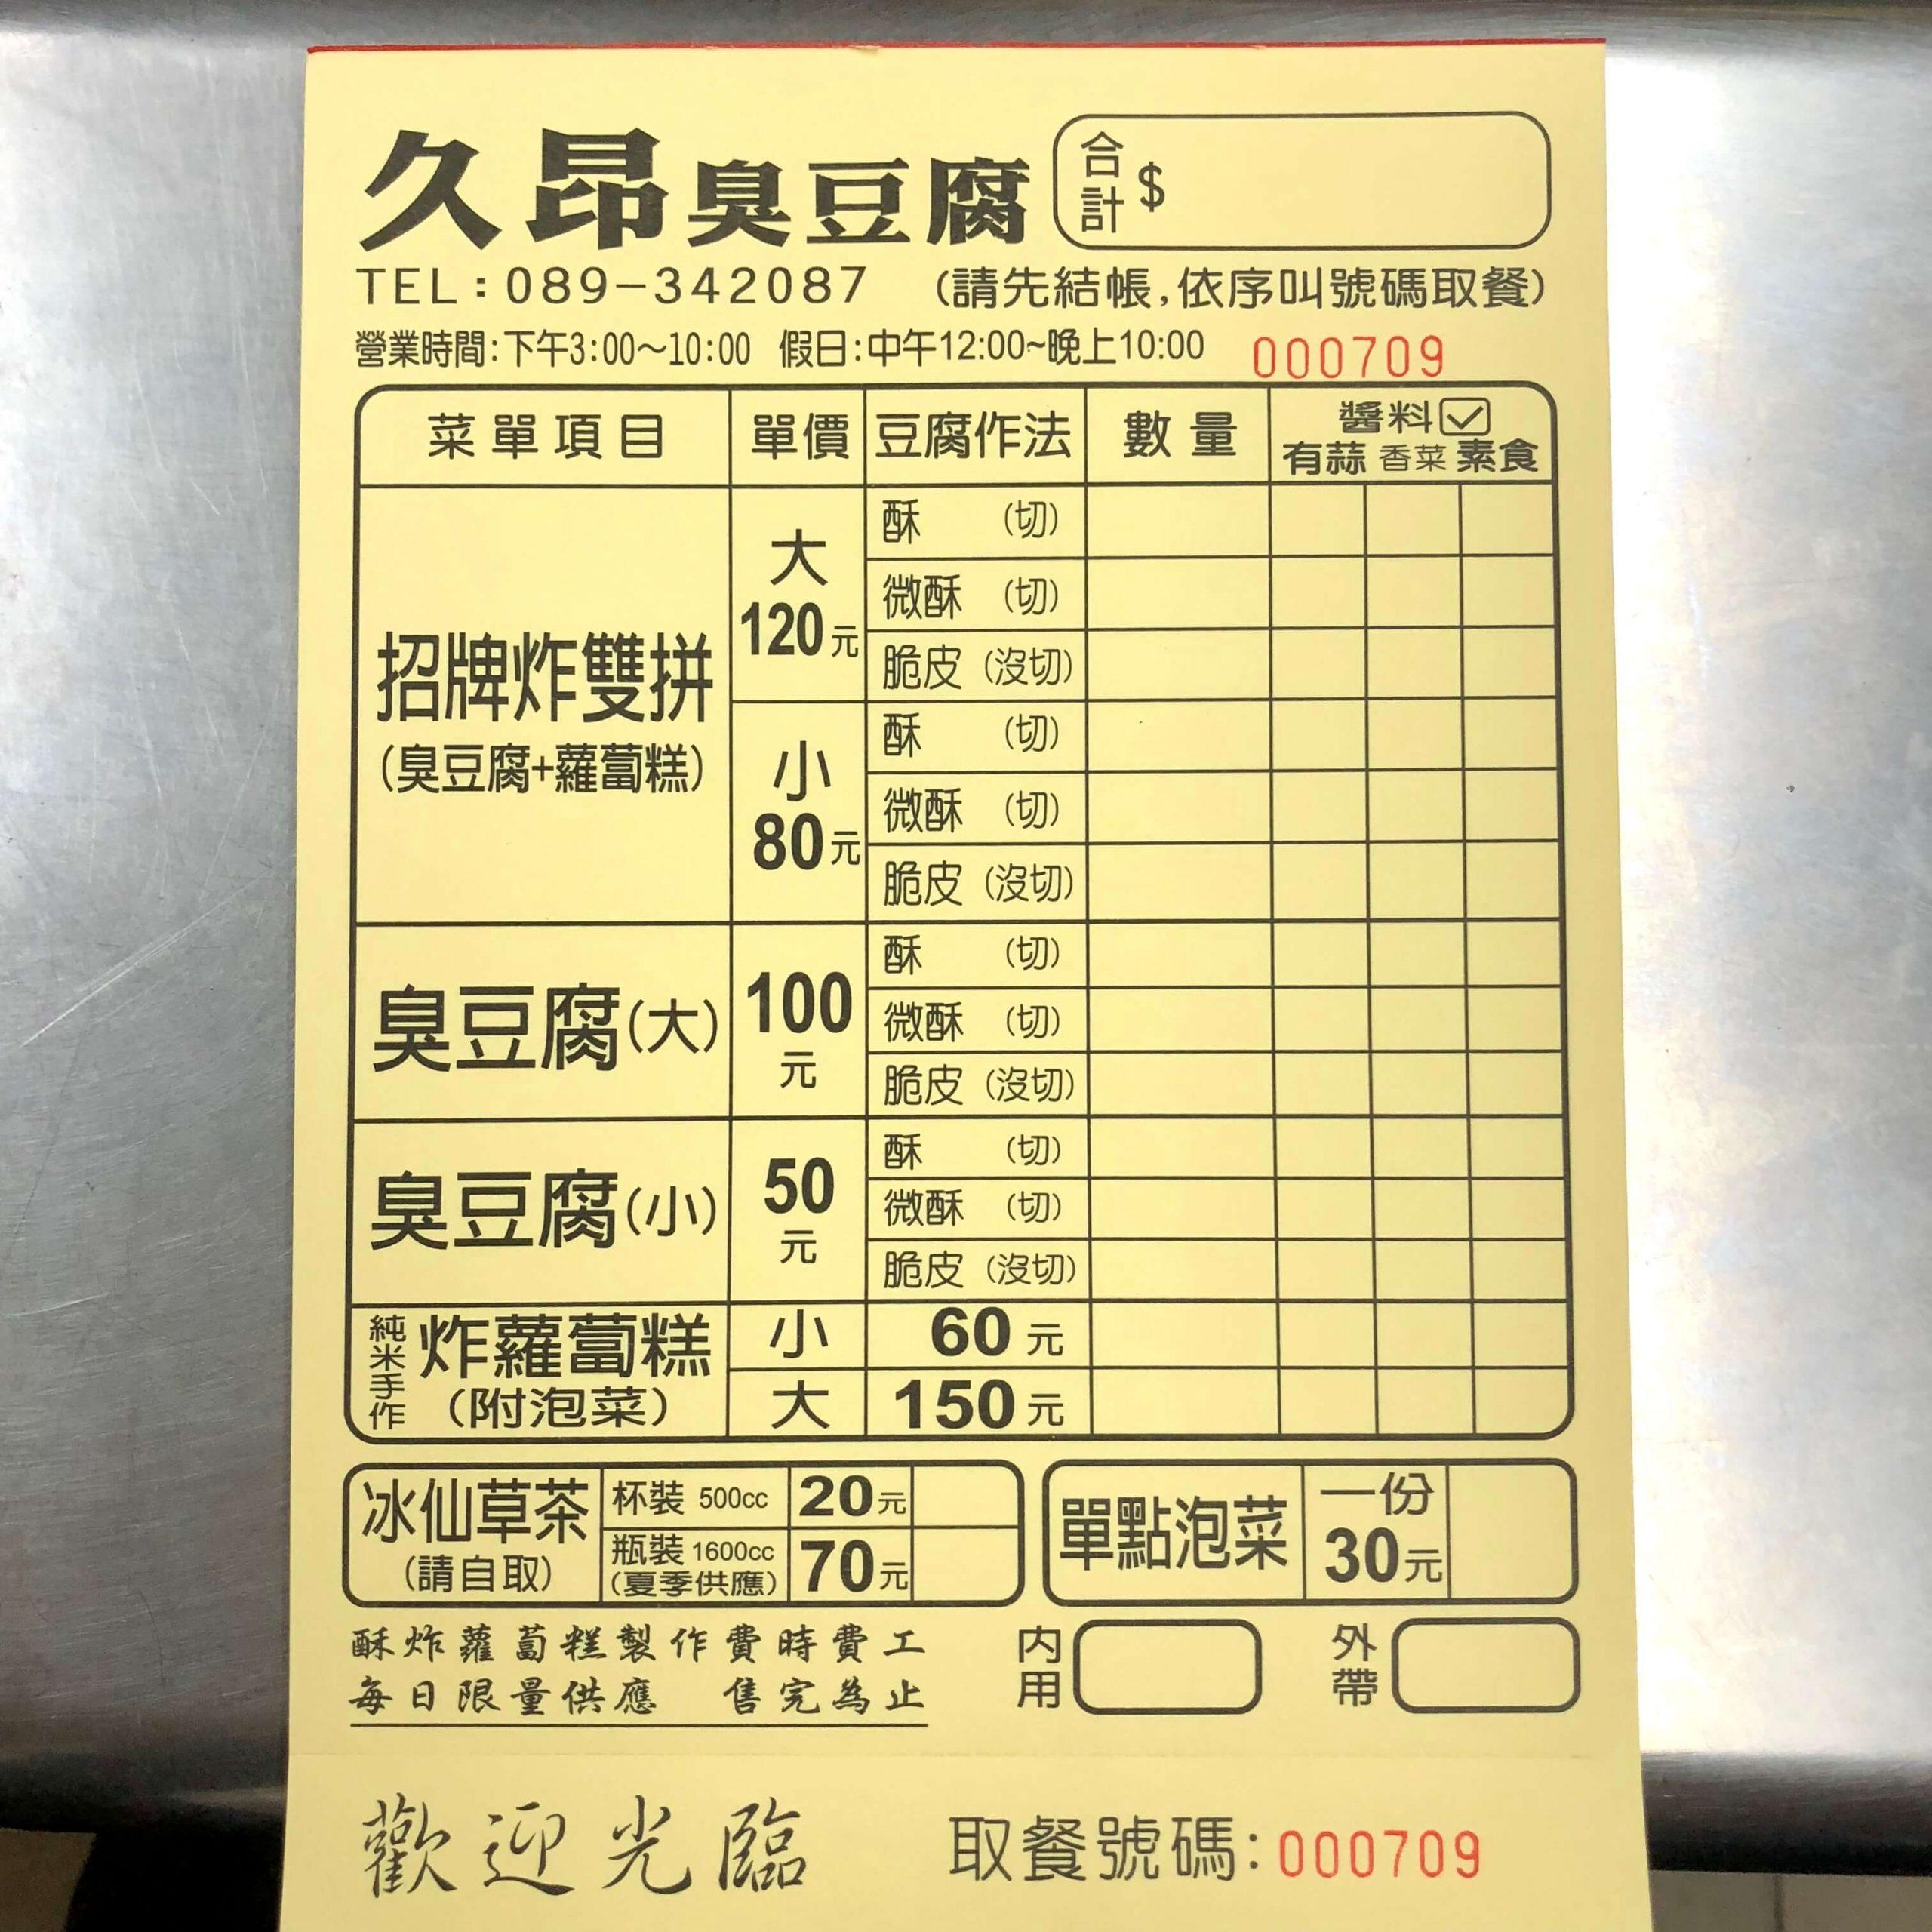 久昂臭豆腐菜單MENU